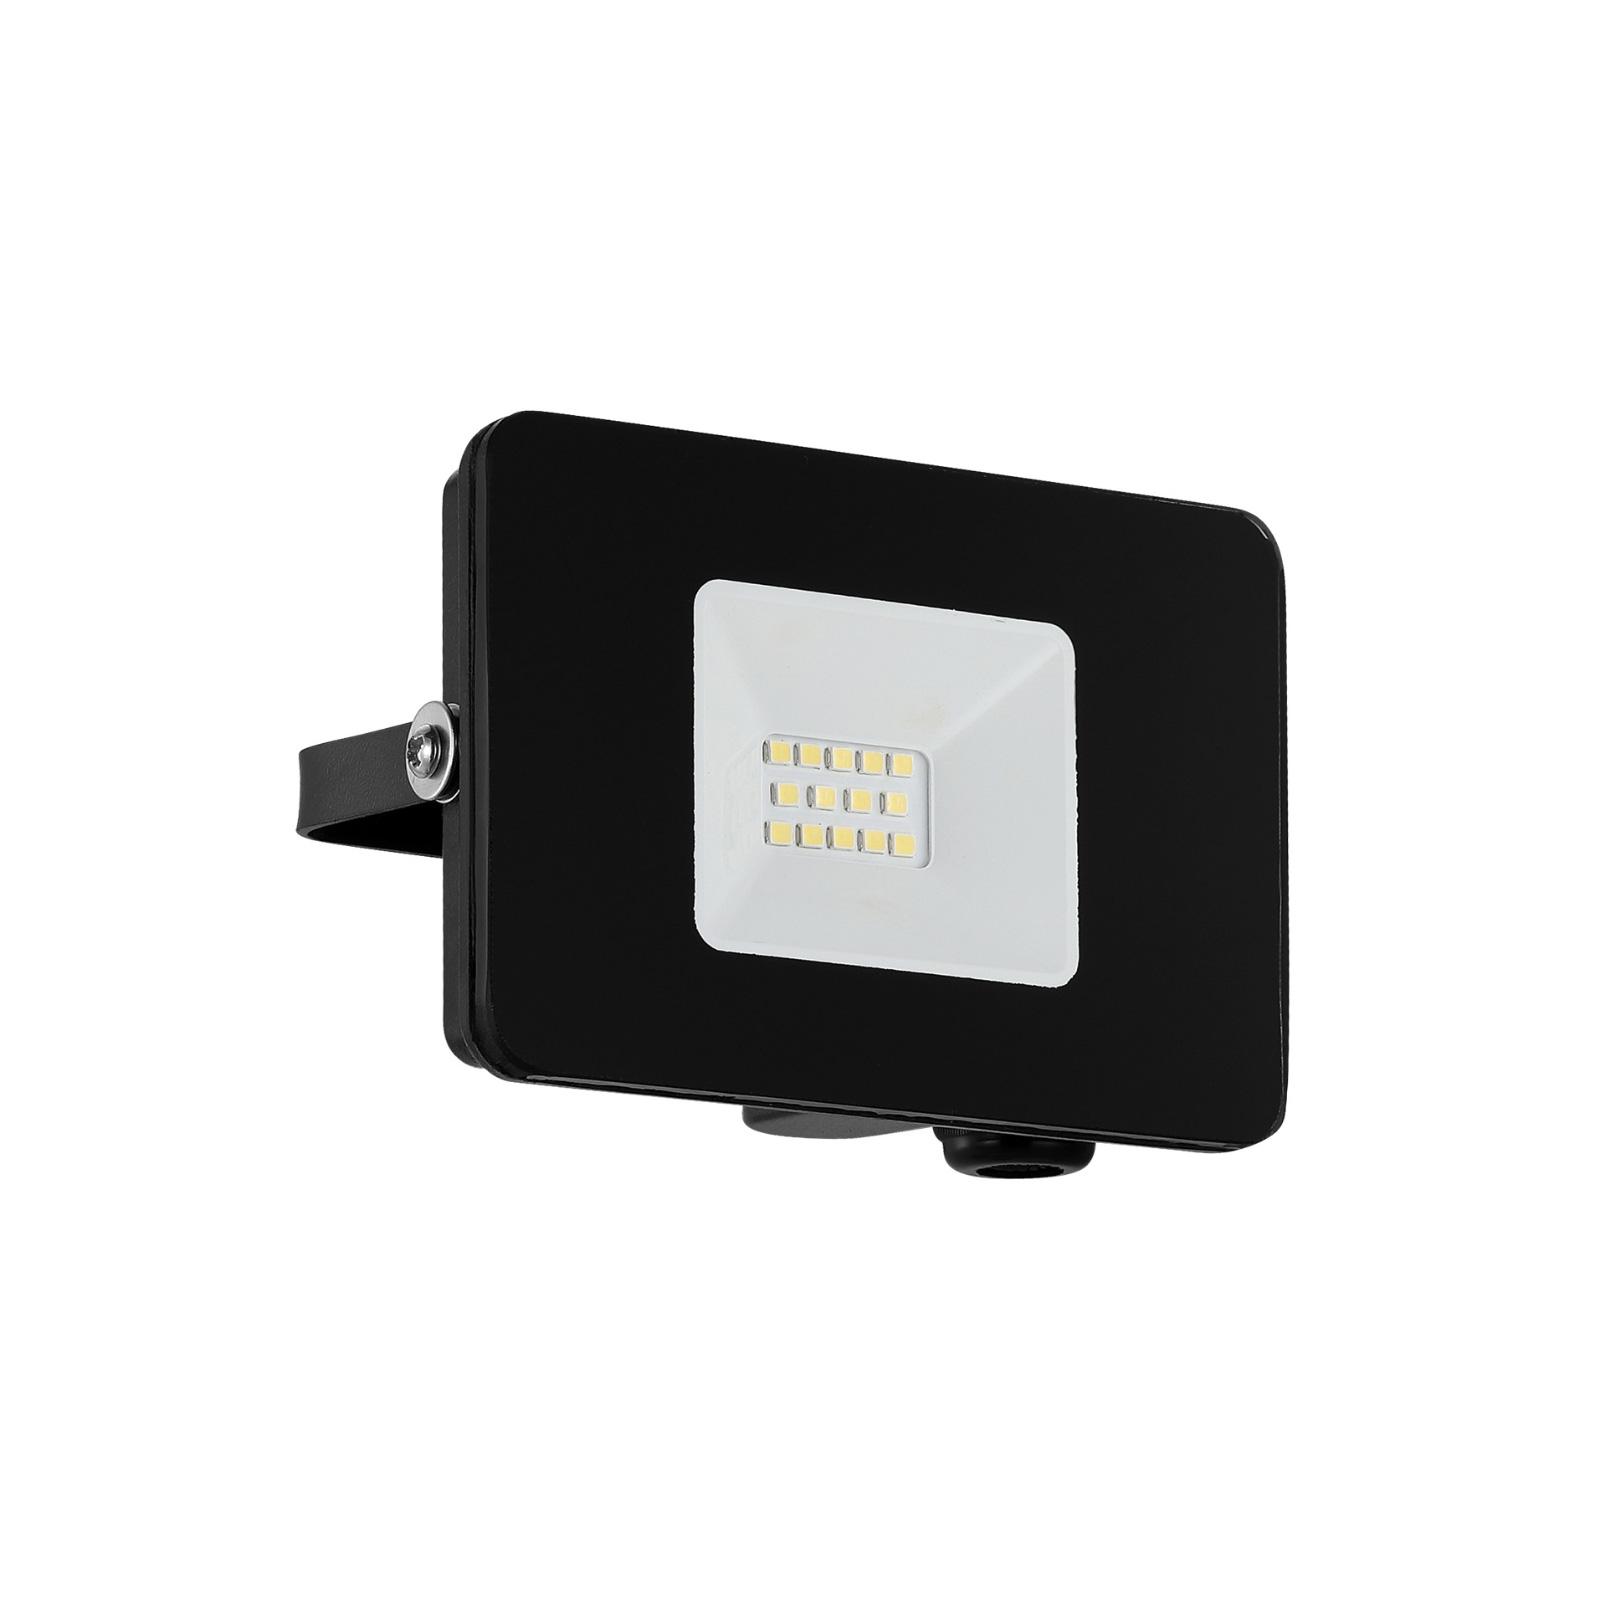 Reflektor zewnętrzny LED Faedo 3 czarny, 10W